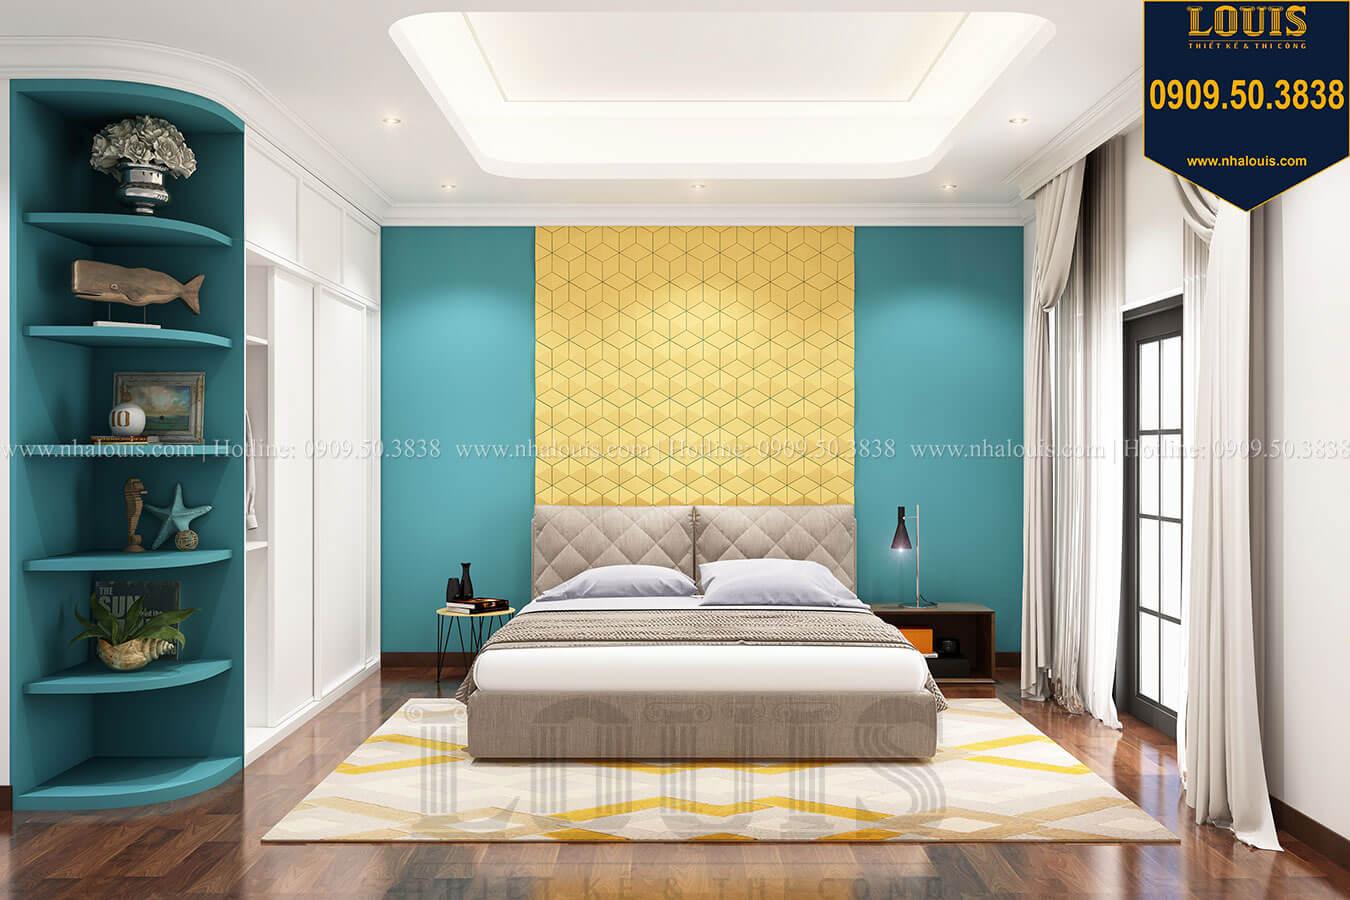 Phòng ngủ con trai Thiết kế nhà tân cổ điển 6 tầng phong cách thời thượng tại Bình Chánh - 20